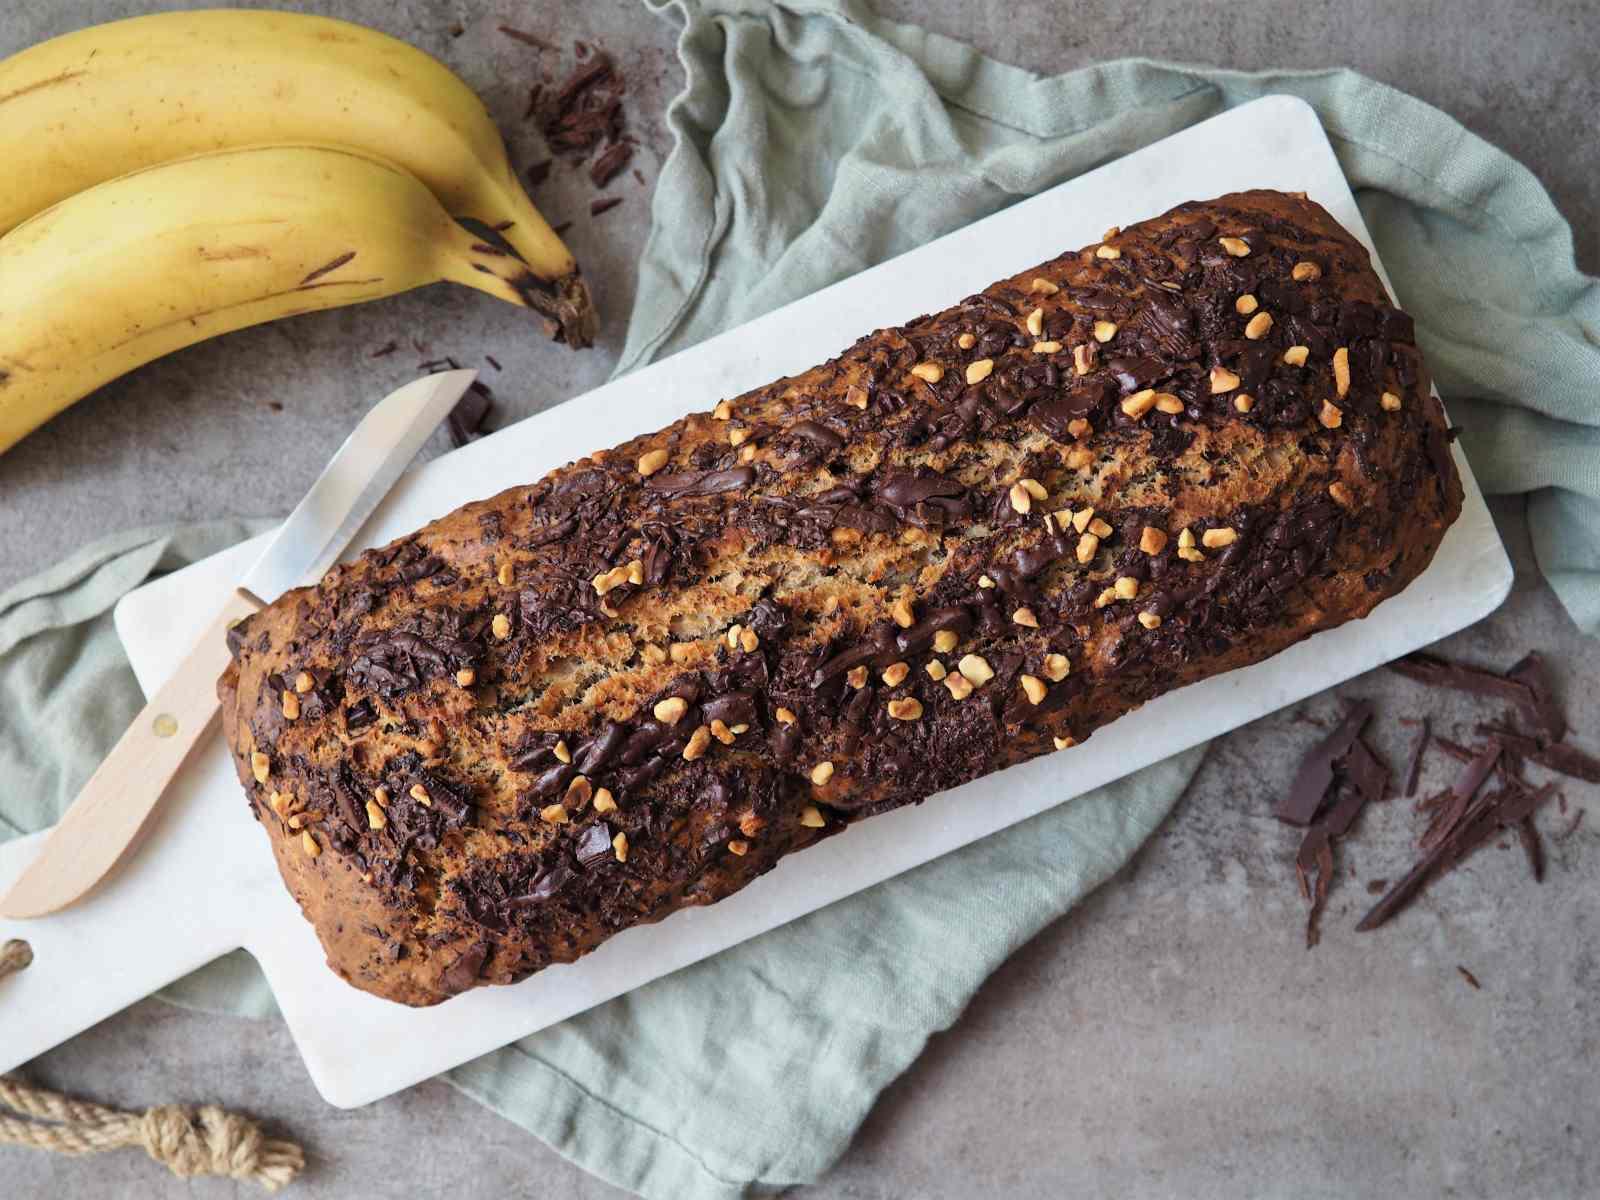 Bananenbrot mit Haselnüssen und Schokolade angerichtet auf Platte